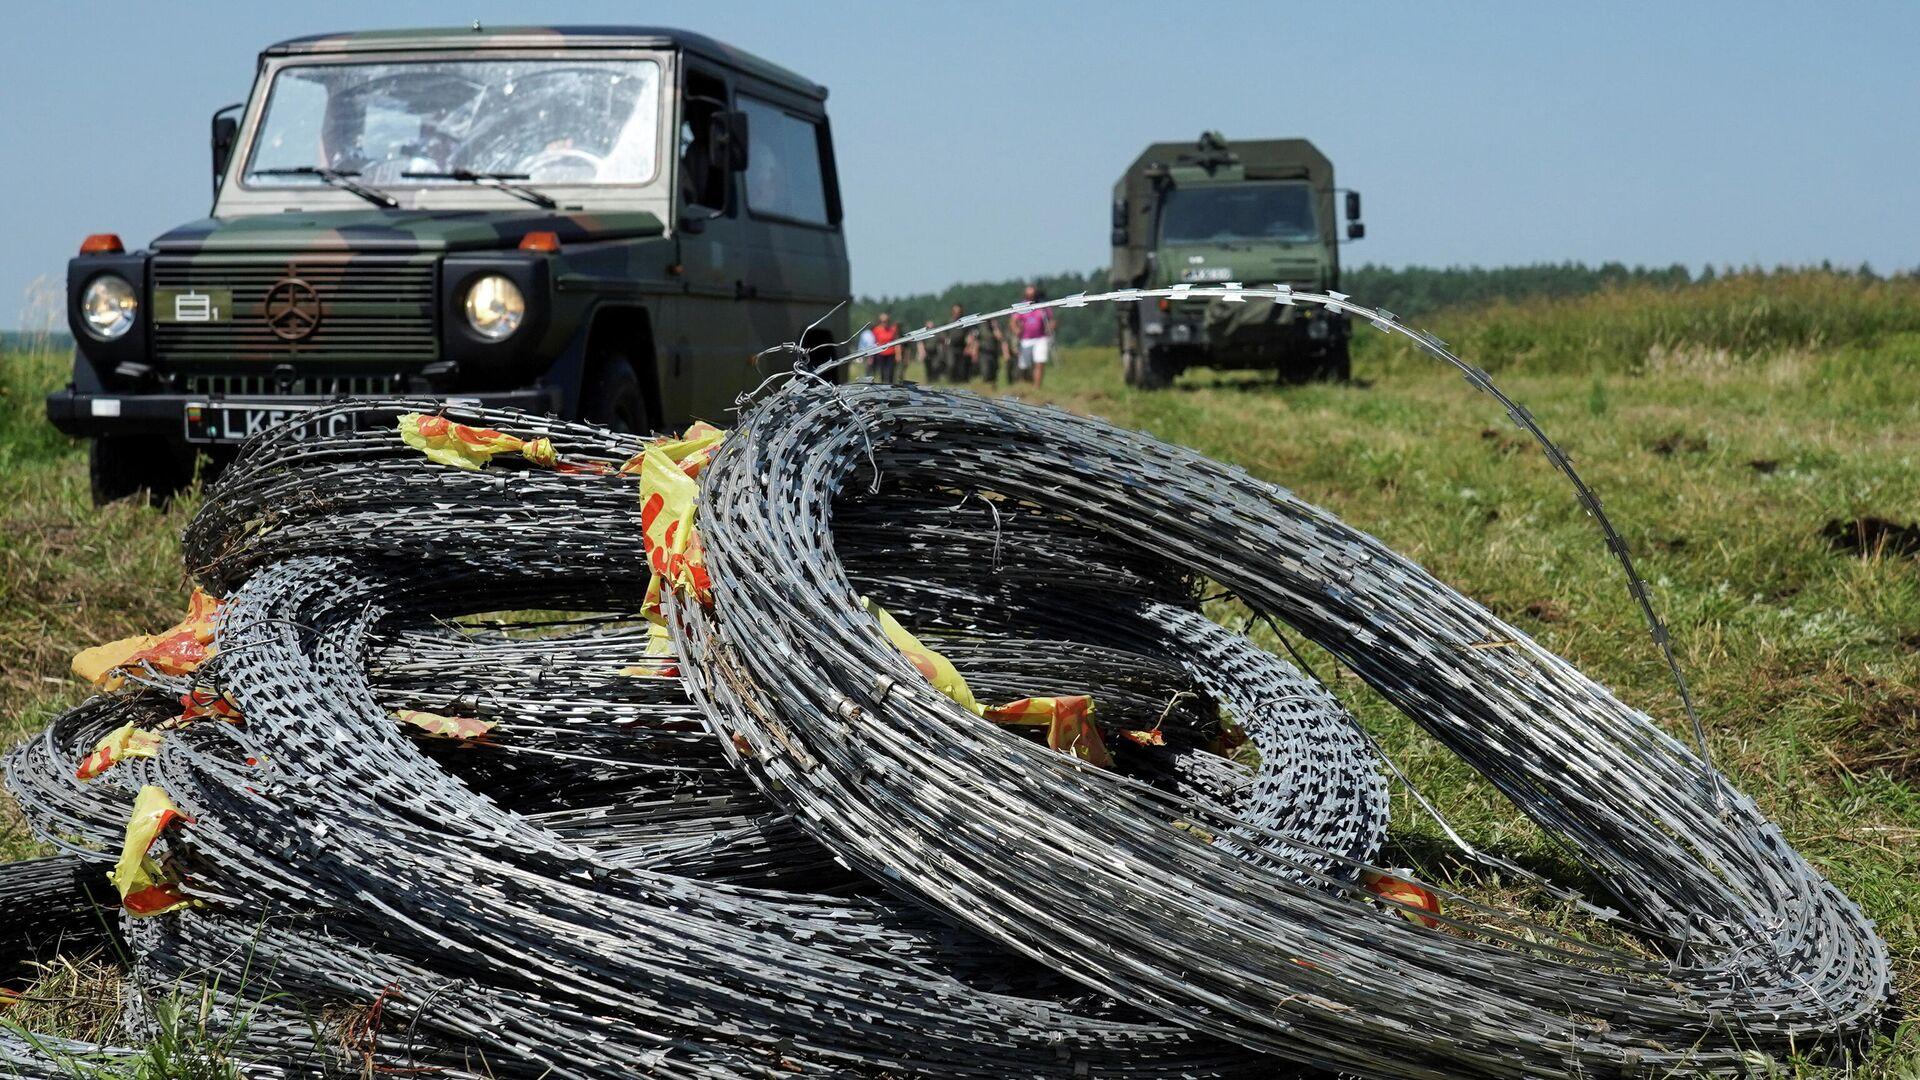 Lituania construye una valla para detener la migración irregular desde Bielorrusia - Sputnik Mundo, 1920, 09.07.2021